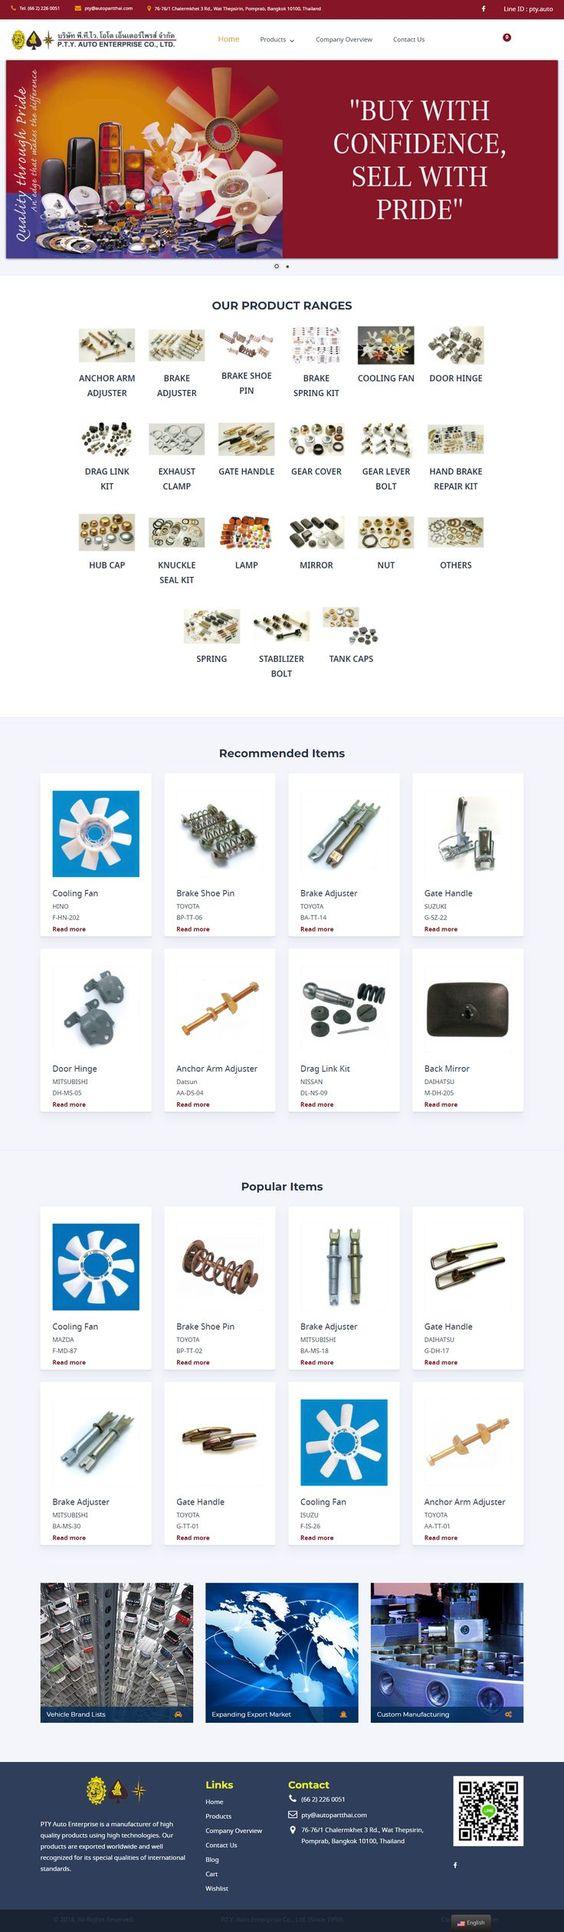 ออกแบบเว็บไซต์ บริษัท พี.ที.ไว. โอโต เอ็นเตอร์ไพรส์ จำกัด